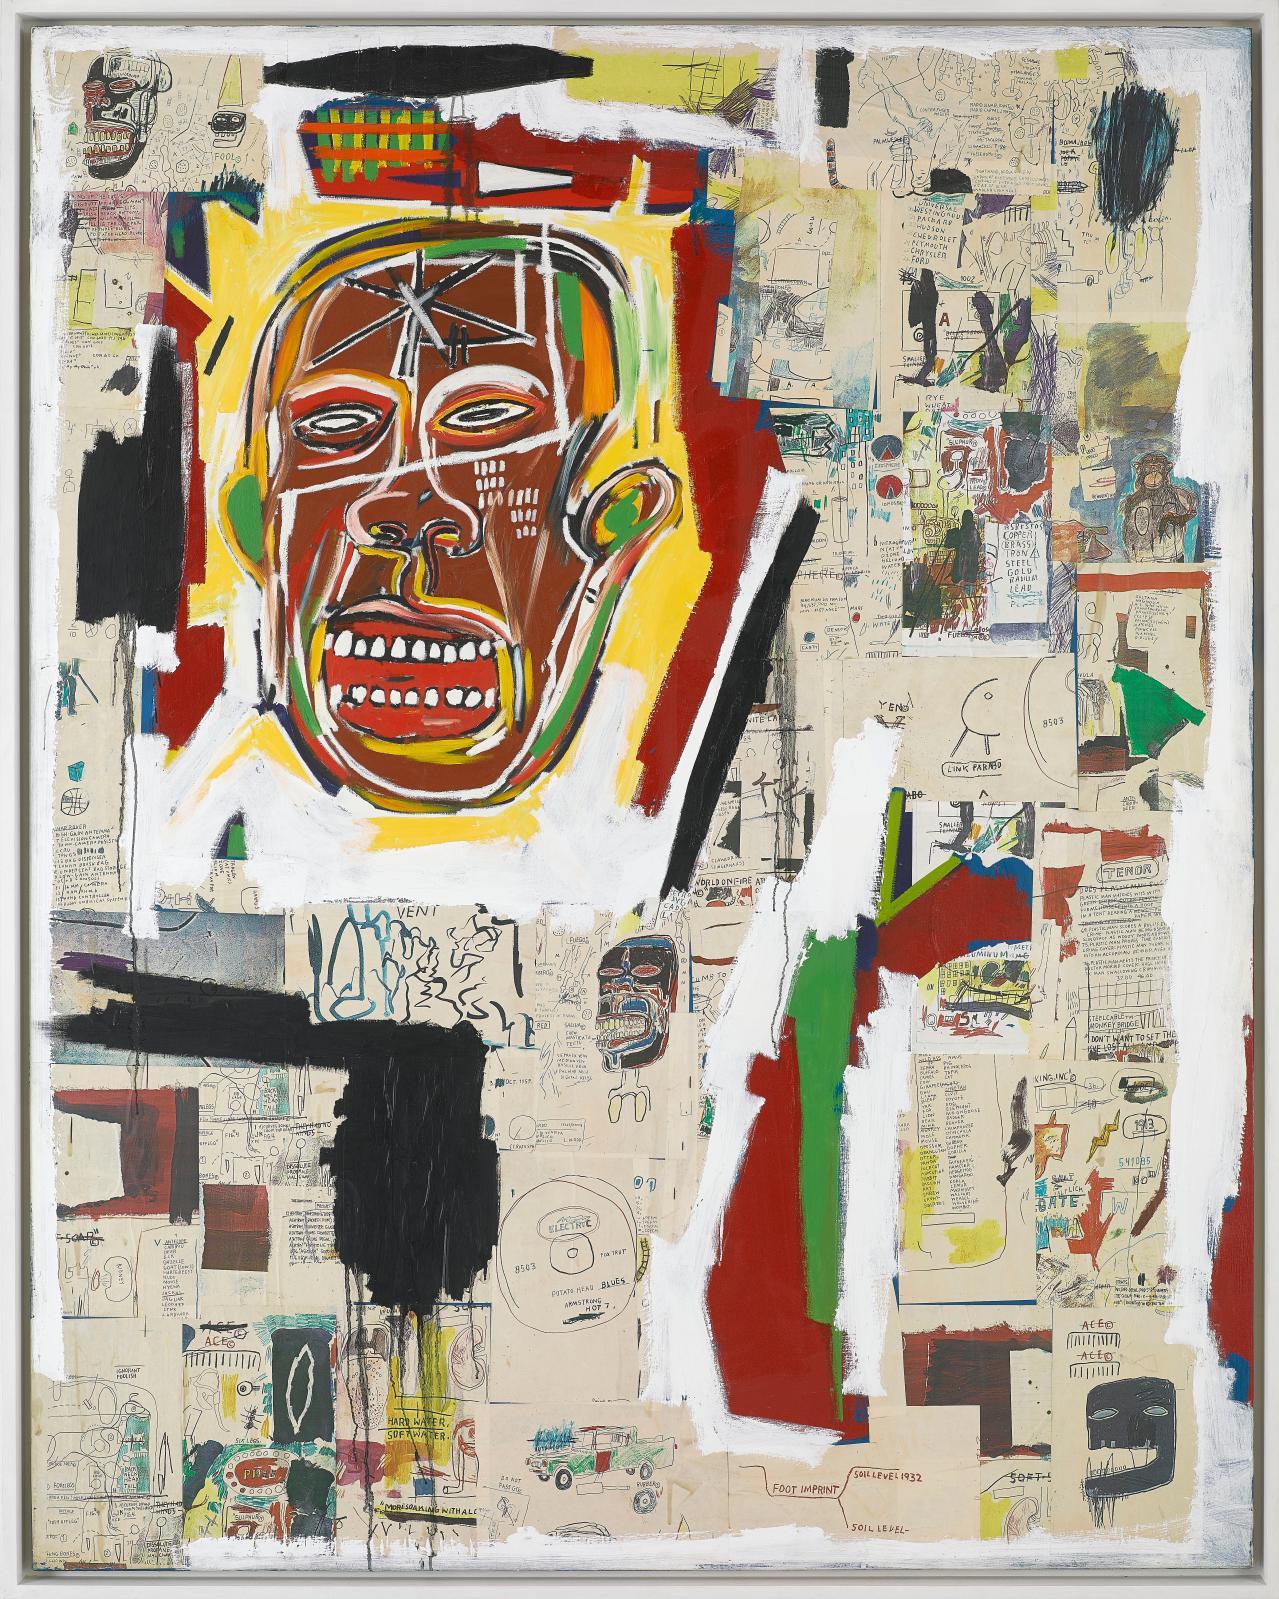 Jean-Michel Basquiat, King of the Zulus, 1984-1985, musée d'art contemporain de Marseille.© photo DR © service de presse eac © adagp pari